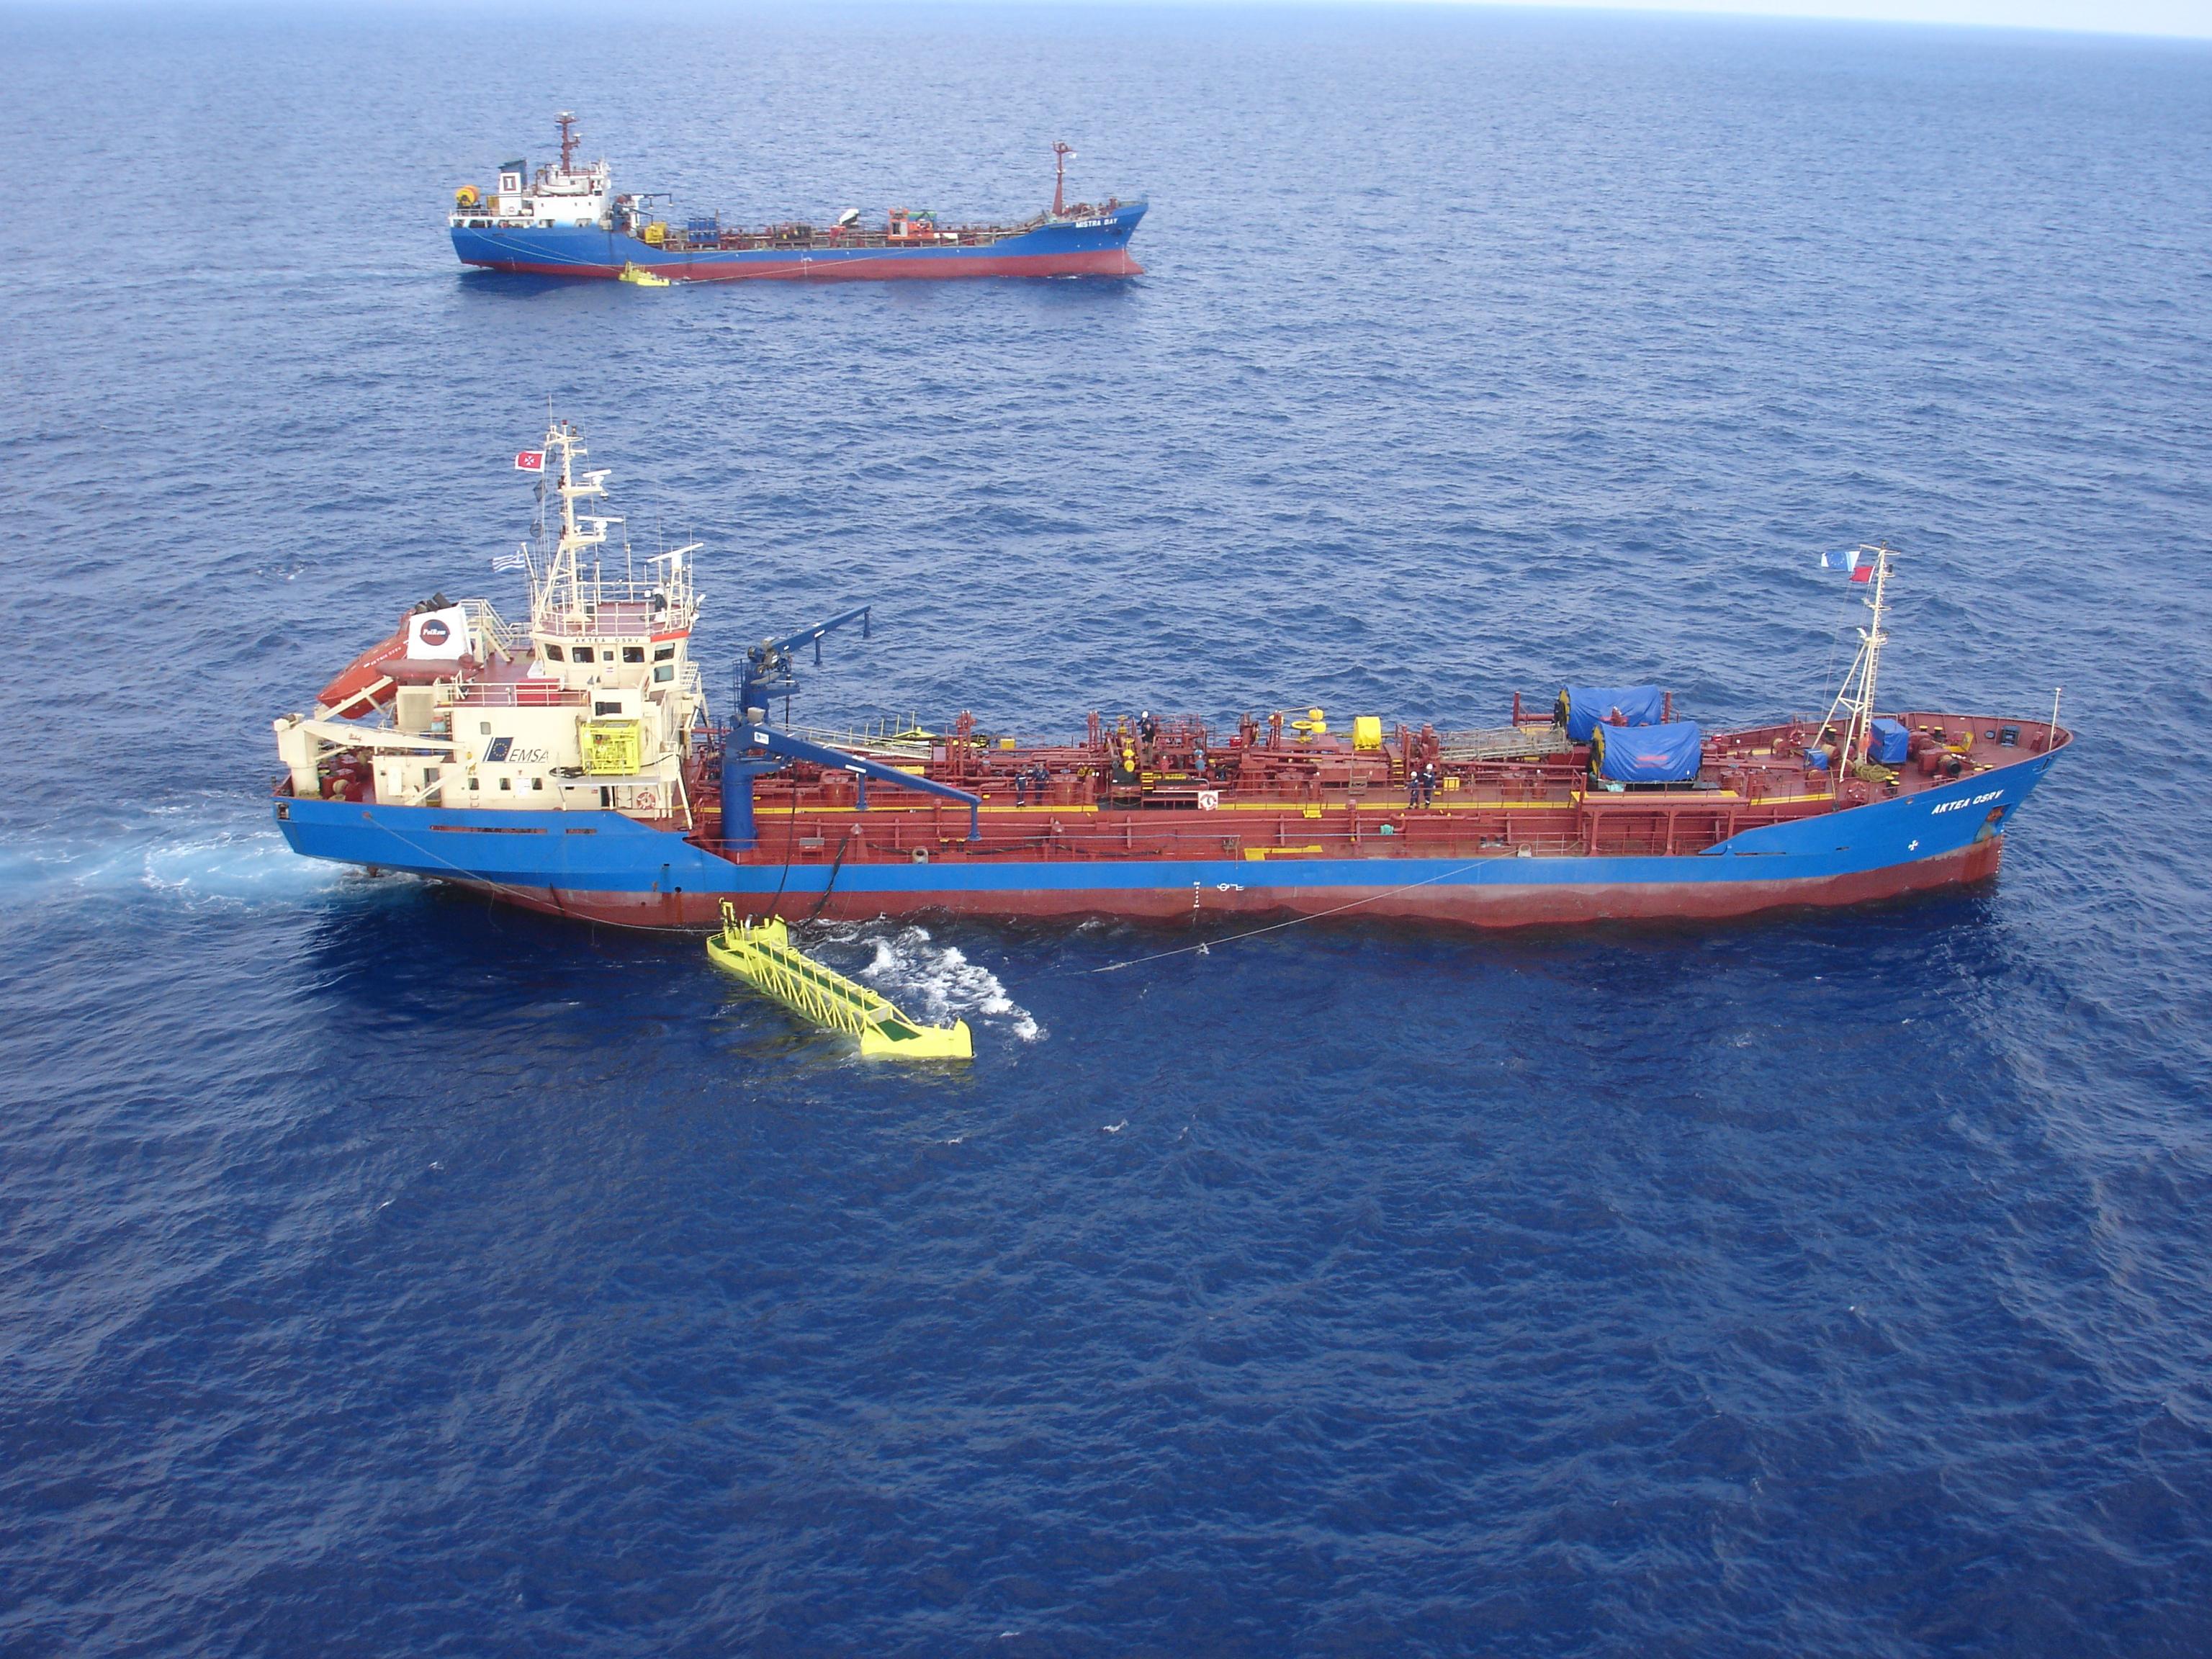 Αποτέλεσμα εικόνας για Eυρωπαϊκού Oργανισμού Ναυτικής Ασφάλειας (EMSA)